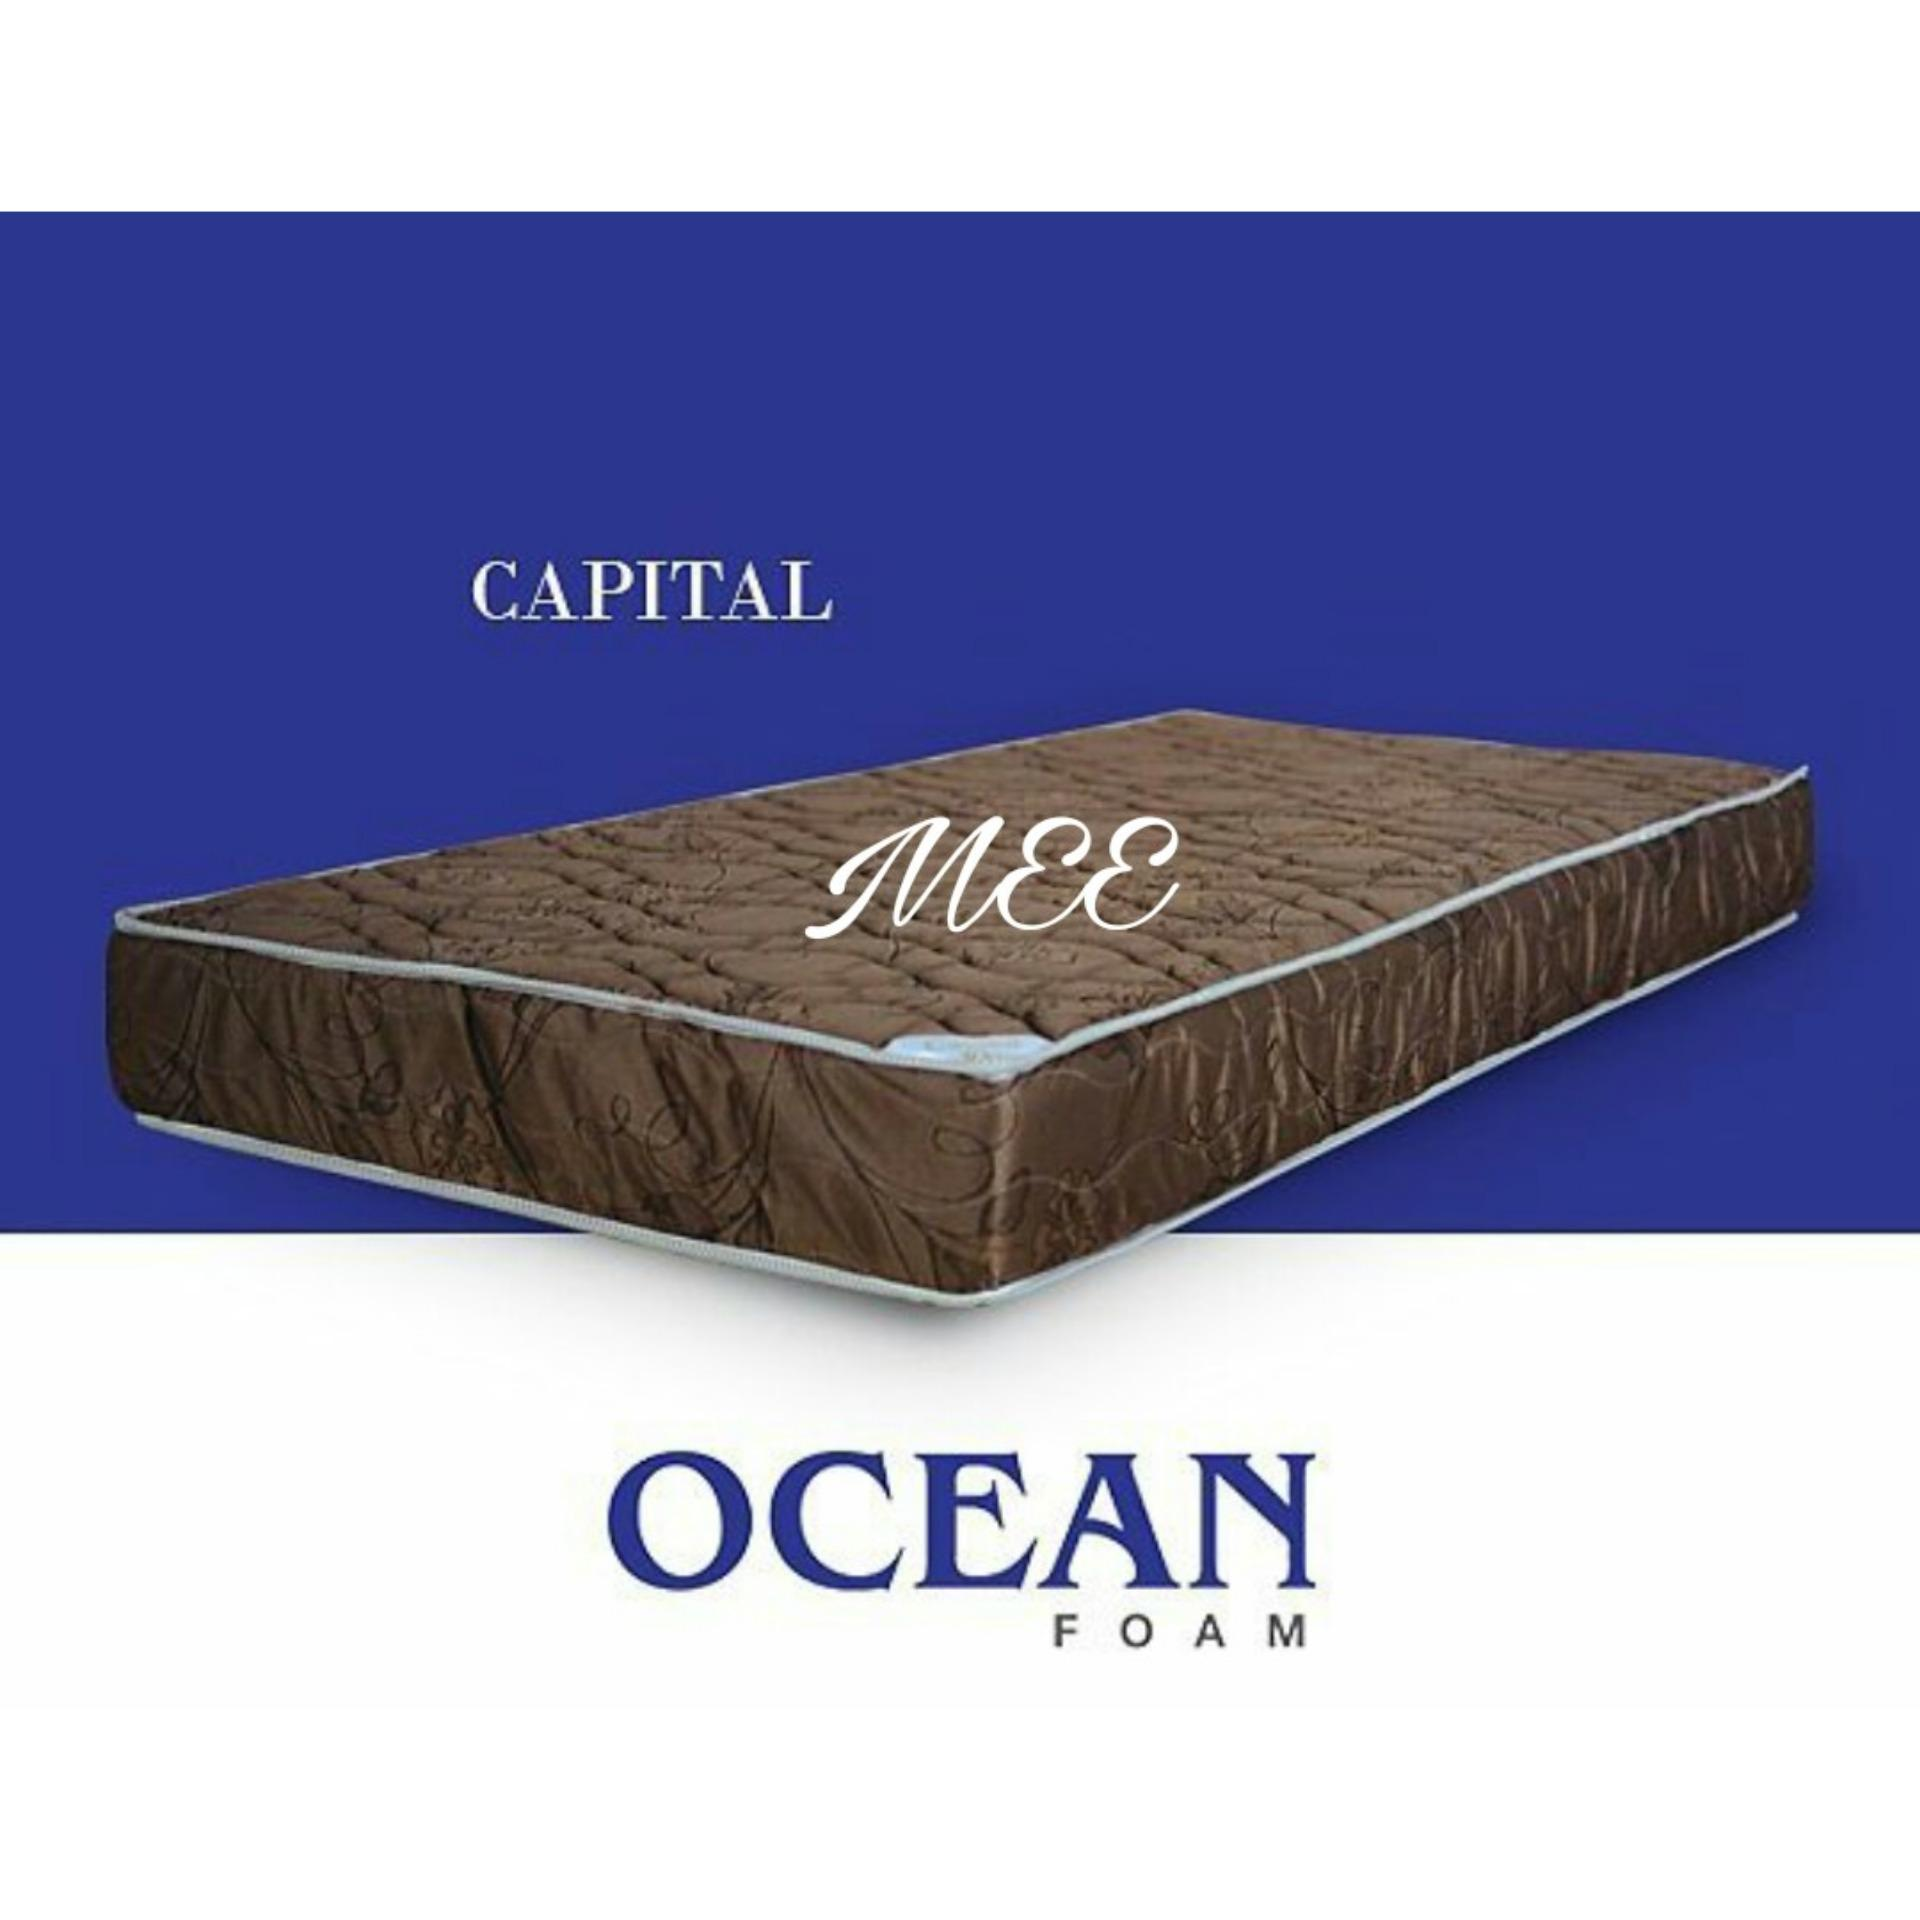 Inoac Kasur Busa Eon D 23 Uk 200 X 120 10 Cm Daftar Harga Lipat D23 Urn 90 15 Reabounded Foam Dari Ocean Spring Bed Capital 190 14cm